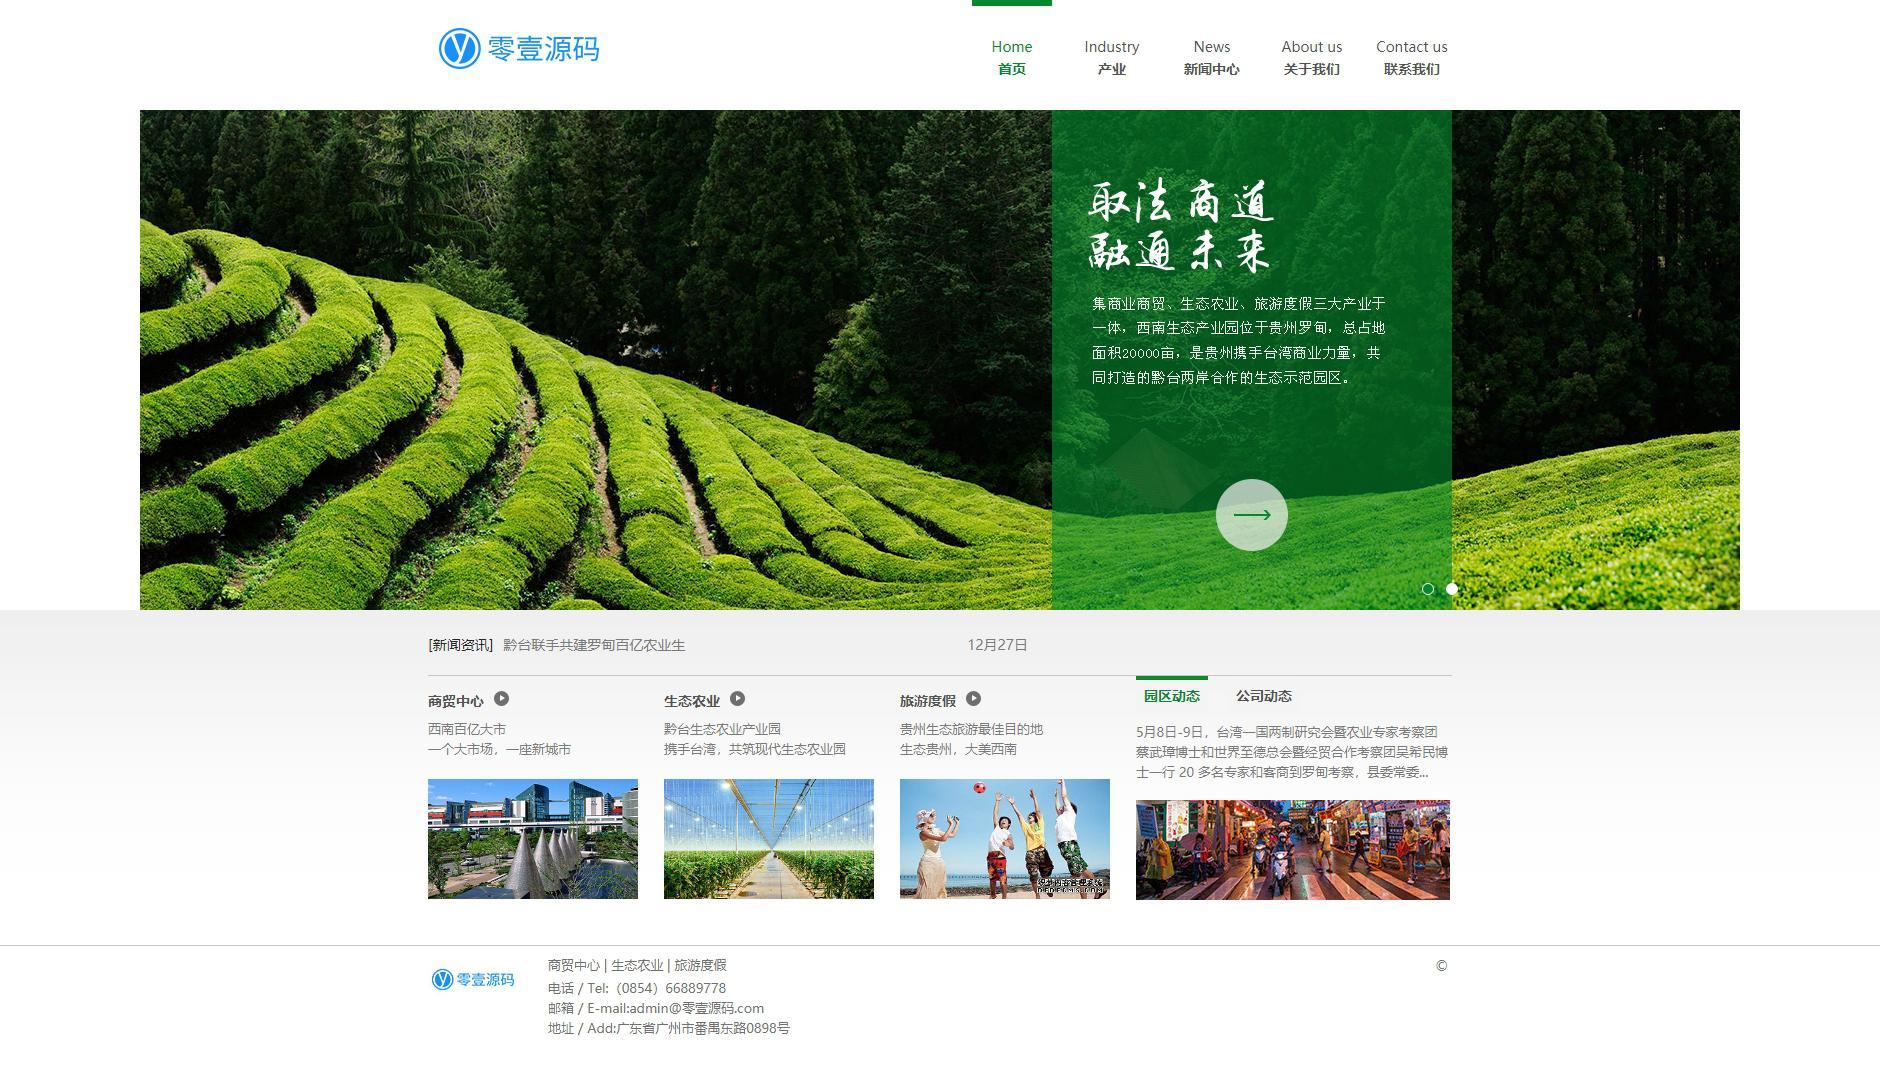 农业农林生态企业网站织梦dedecms模板